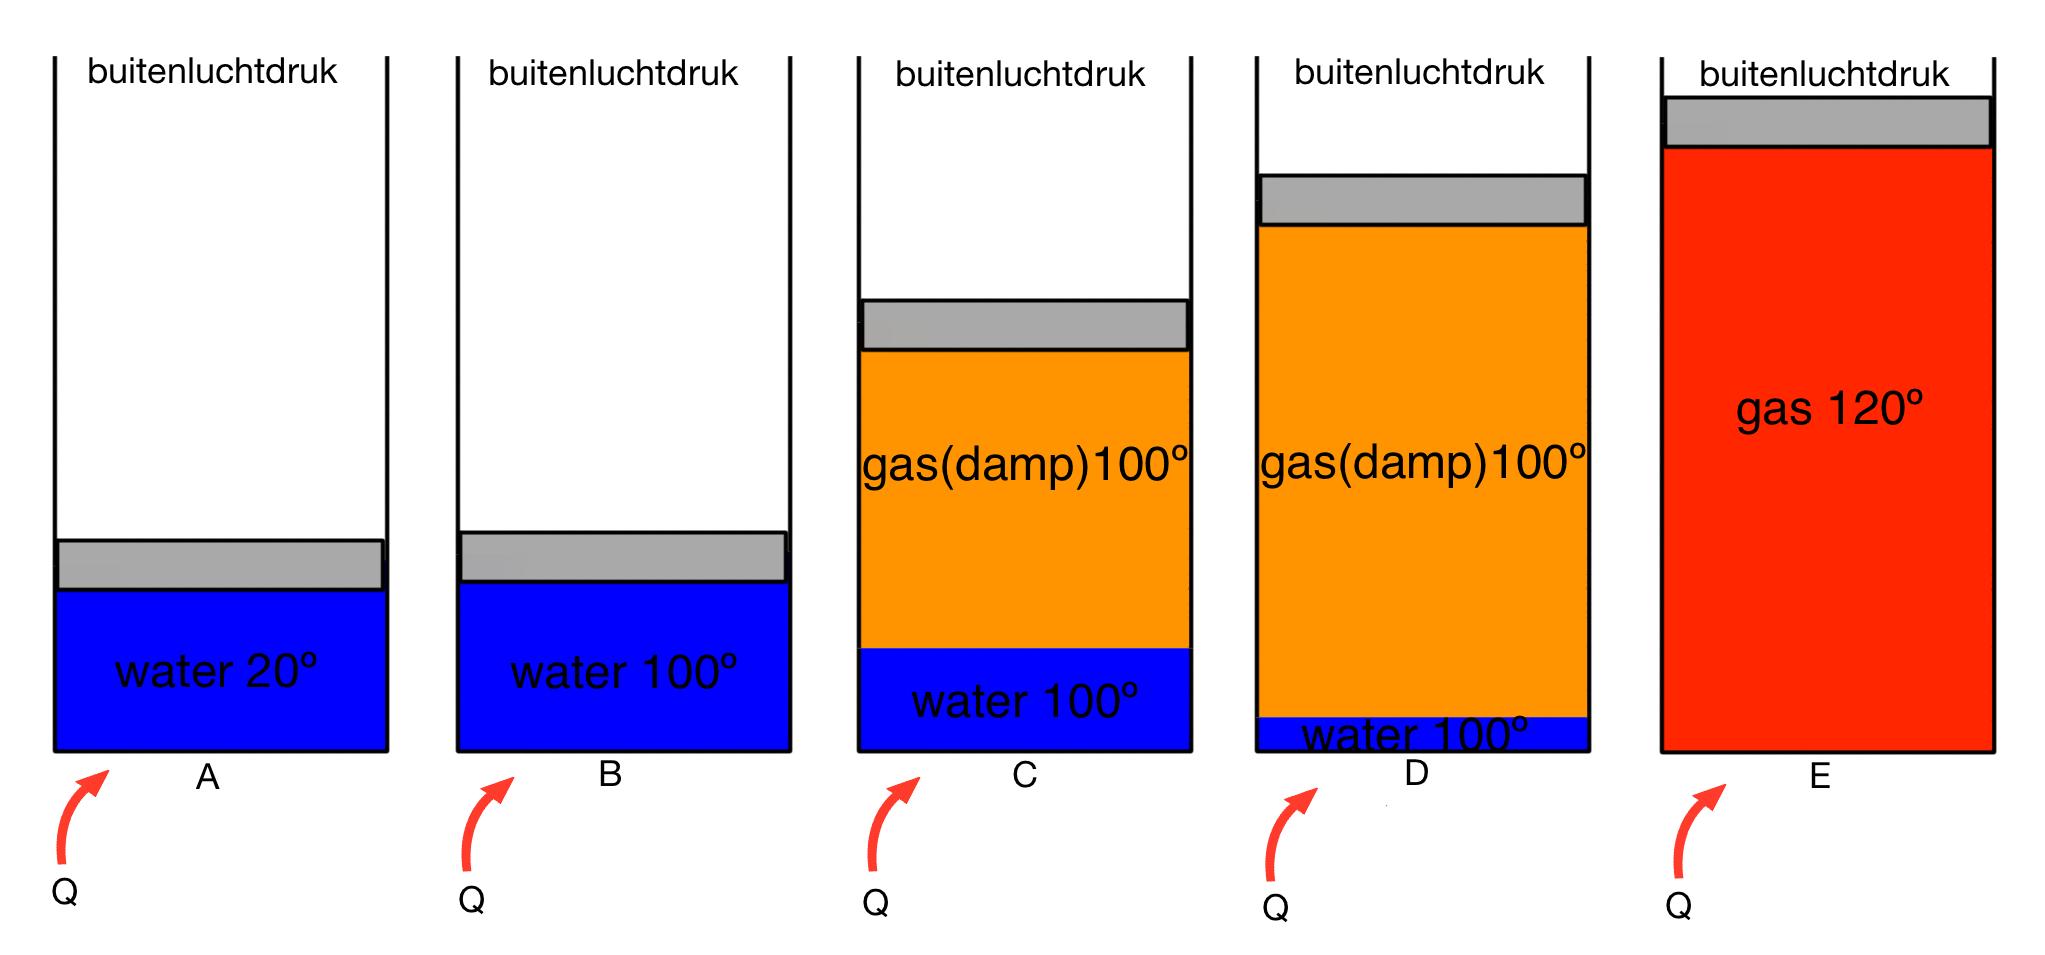 Experiment met een beker water met beweegbare dop. Q is de warmte die het plaatje met een temperatuur van 130 °C toevoert. In A en B is het water onderkoeld. In E is het oververhit. In C en D is de aggregatietoestand water-damp. Alleen daar neemt het volume toe met de temperatuur. Bij een vaste dop geeft dat een relatie tussen druk en temperatuur.